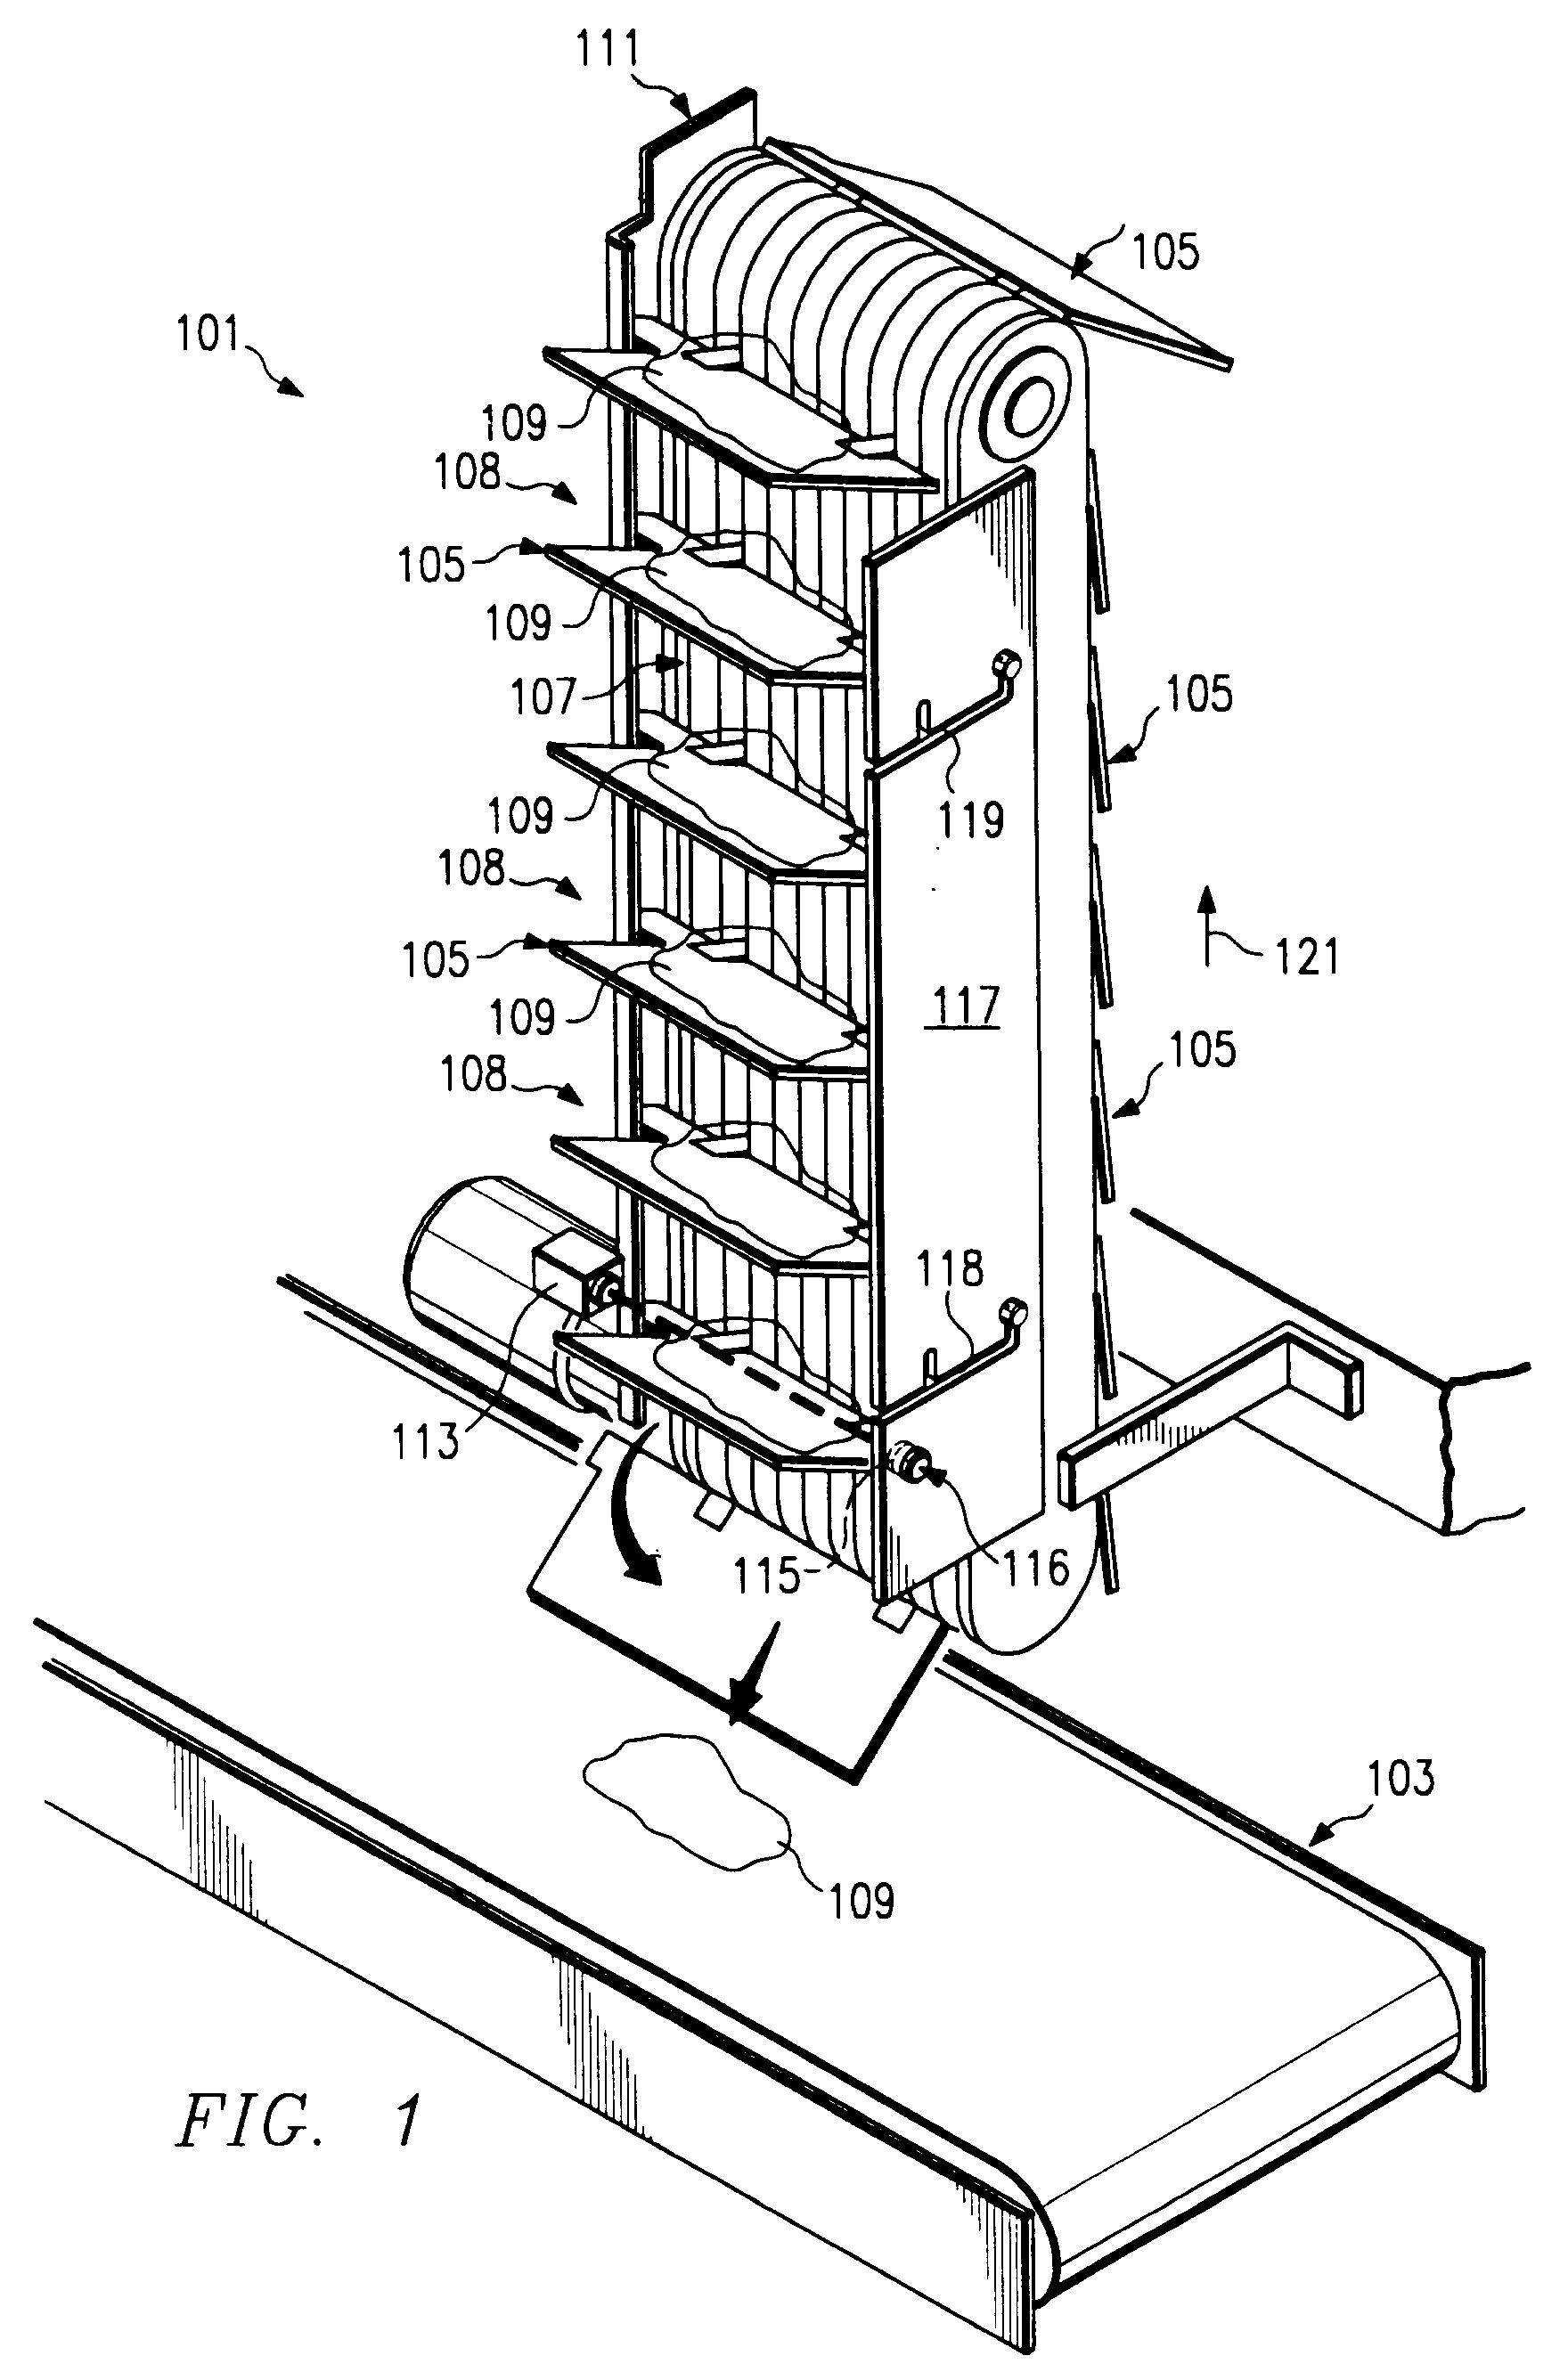 vertical conveyor belt google search conveyor belt retail design floor plans diagram [ 1760 x 2672 Pixel ]